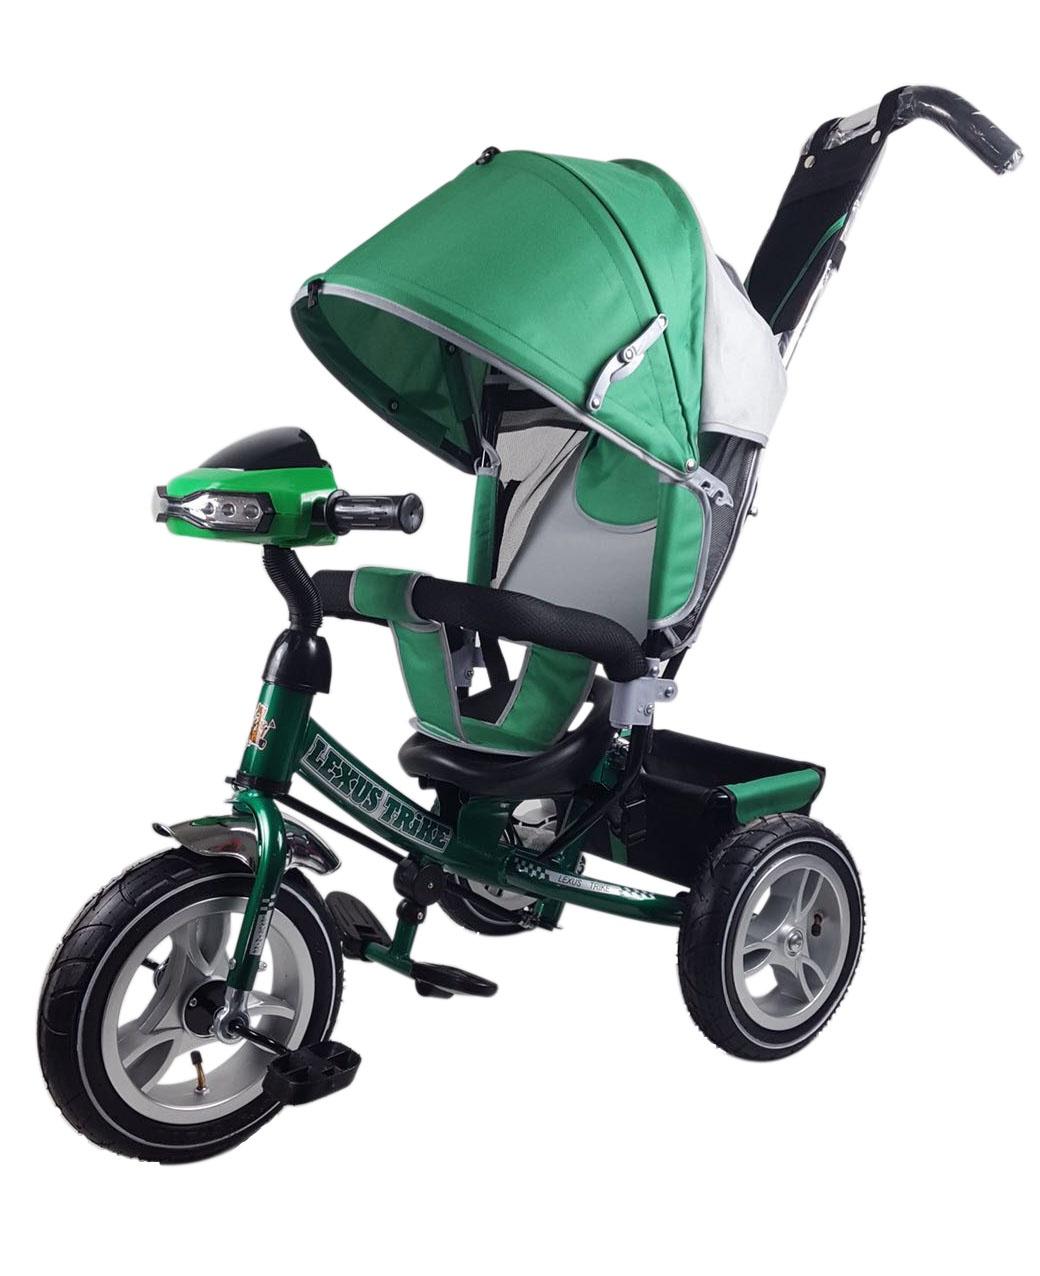 Велосипед Lexus Trike MS-0637 12/10 надувные, музыкальный, зеленый